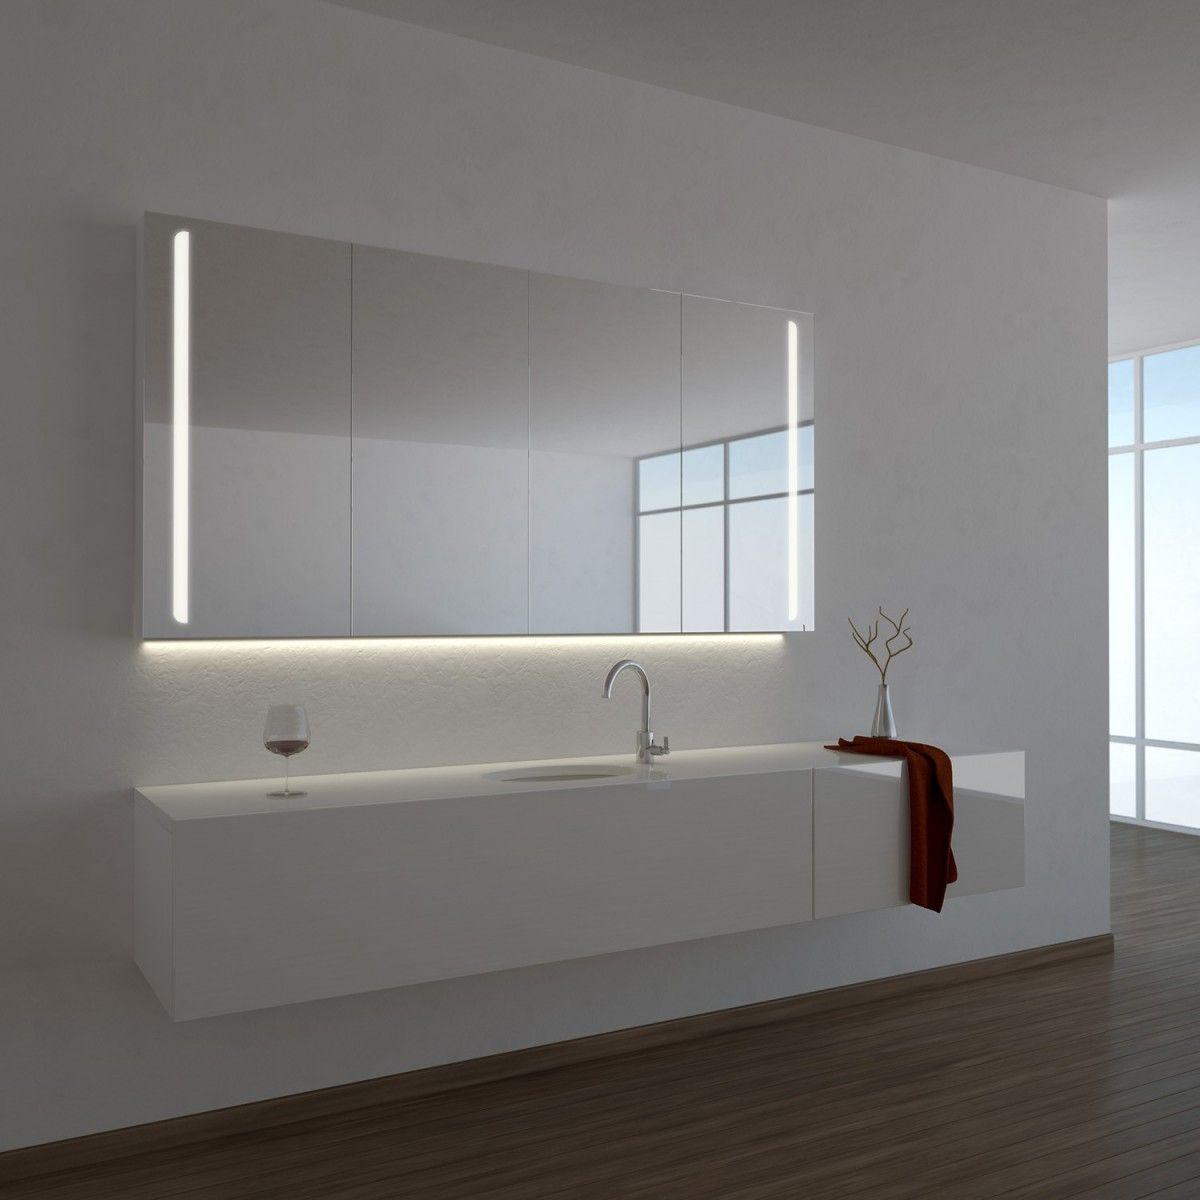 Spiegelschrank Ogrel Mit Led Beleuchtung In 2020 Spiegelschrank Spiegelschrank Bad Bad Einrichten